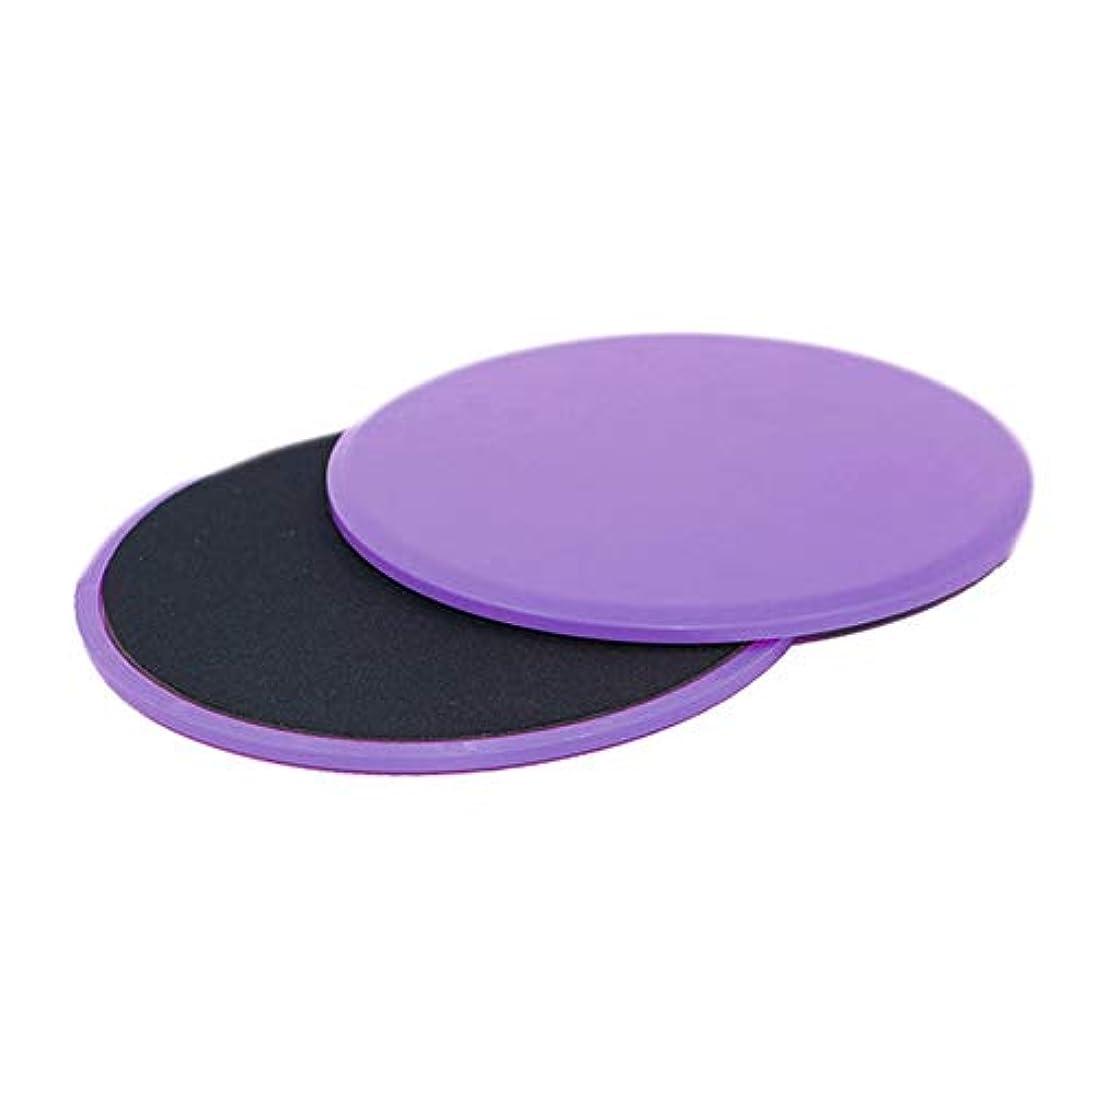 申し立て委任する見出しフィットネススライドグライディングディスク調整能力フィットネスエクササイズスライダーコアトレーニング腹部と全身トレーニング - パープル